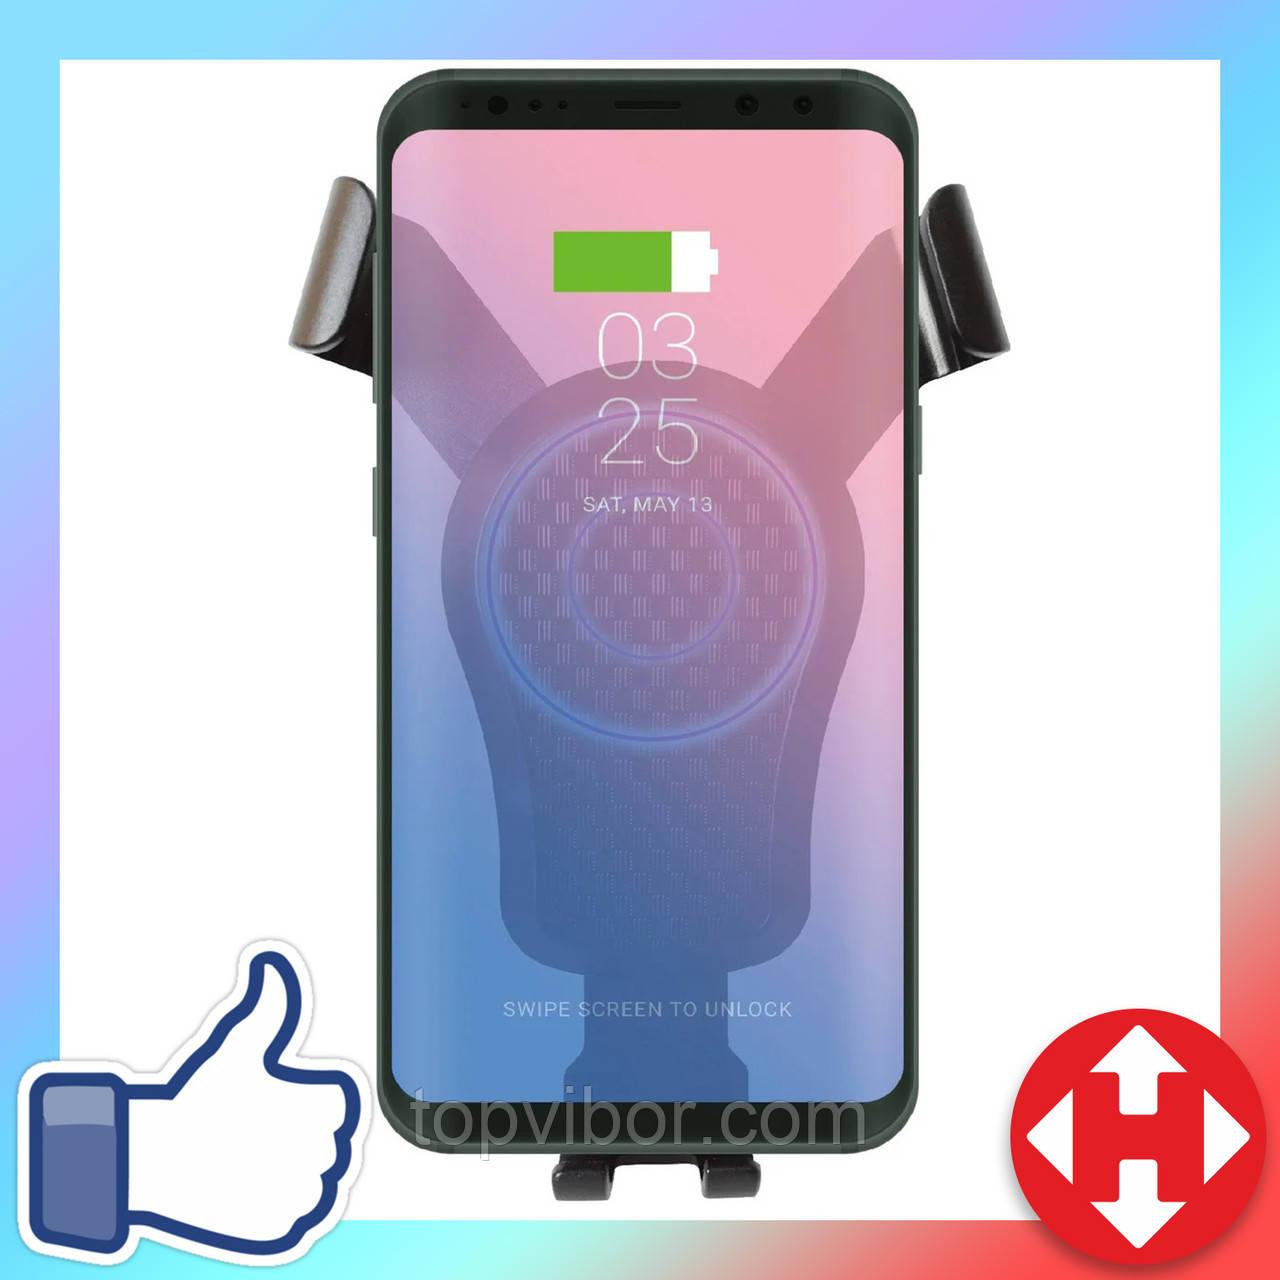 Держатель-подставка телефона в авто с беспроводной зарядкой HWC3, підставка для телефона в машину